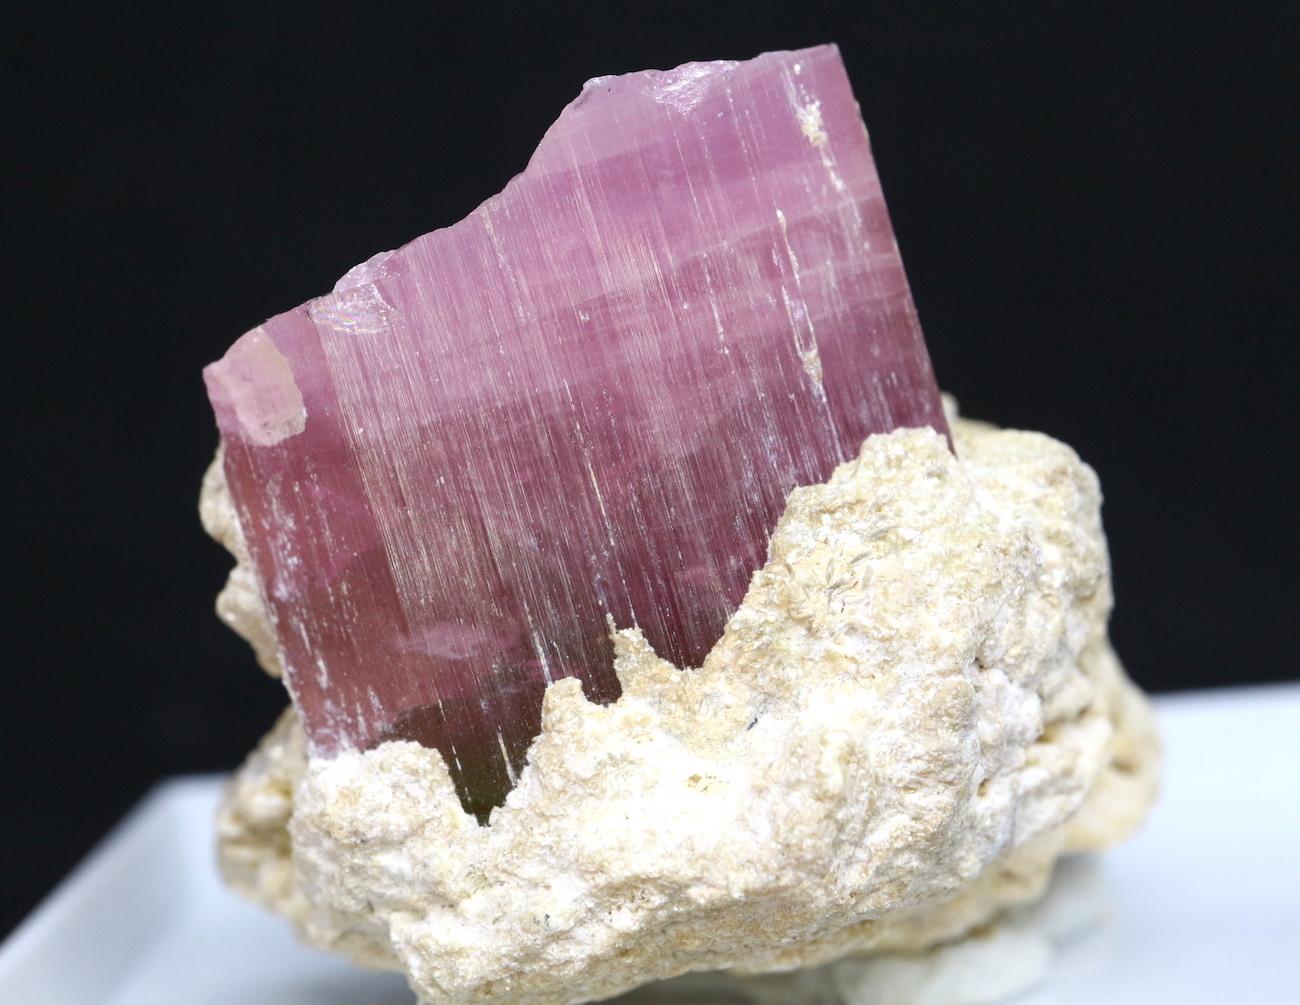 ケース入り! ピンクトルマリン カリフォルニア産 19,6g T069 鉱物 天然石 原石 パワーストーン